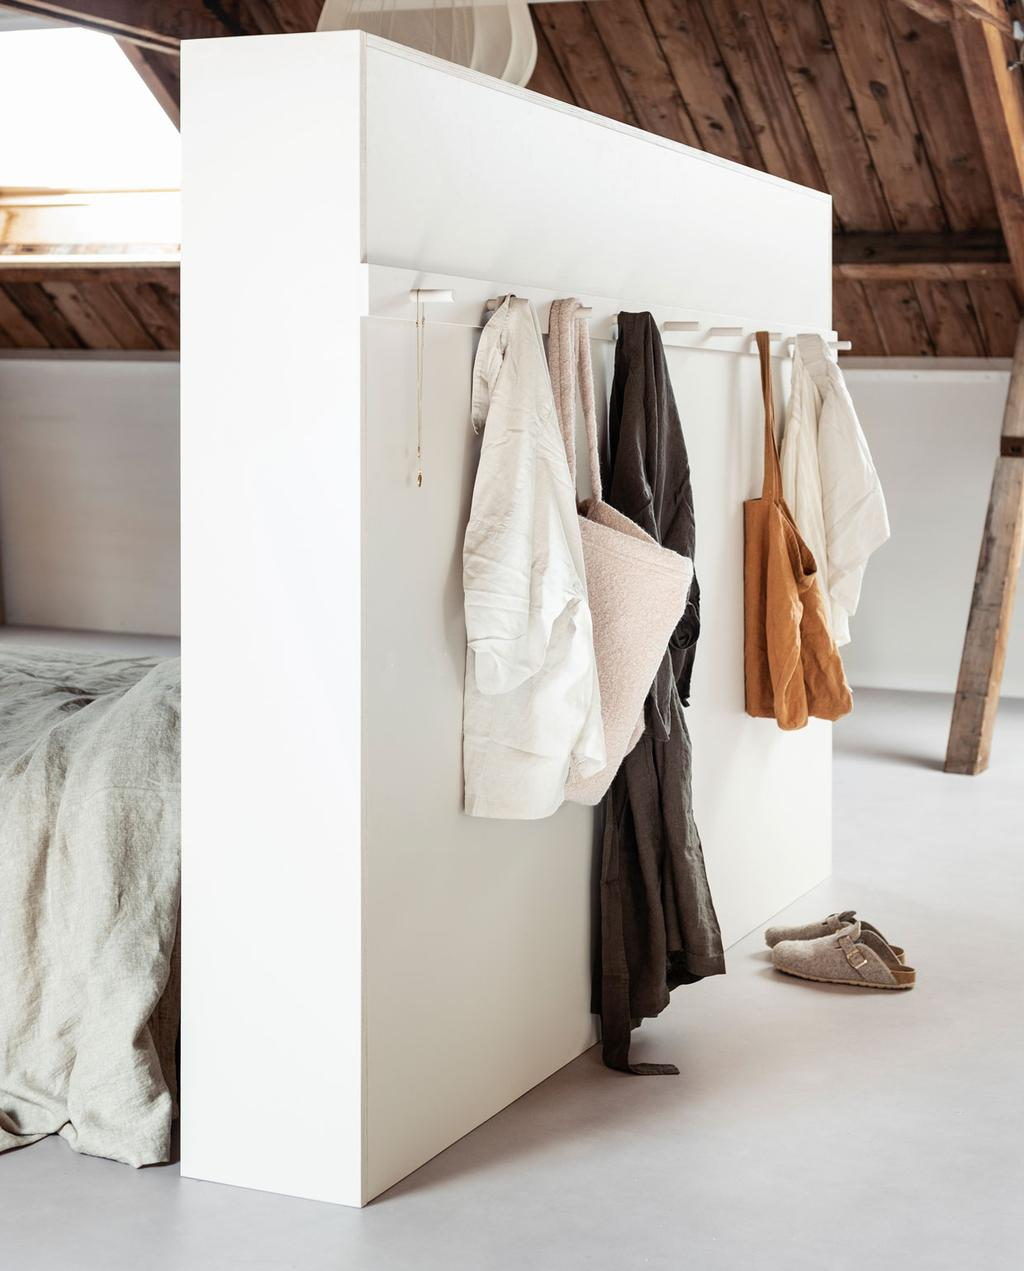 vtwonen 11-2019 | diy large bed achterwand kastenwand kapstok